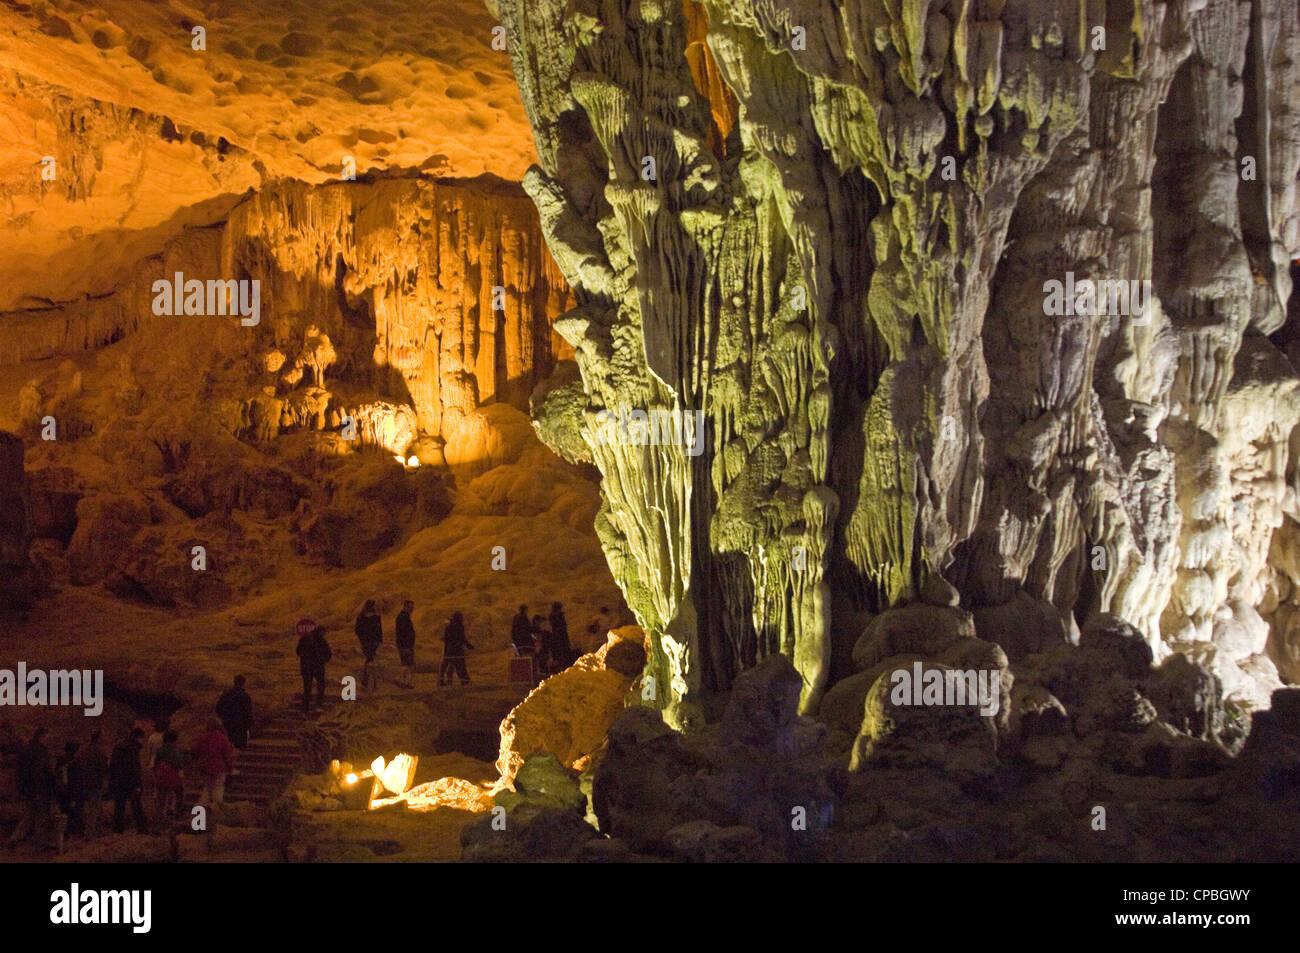 Vue horizontale à l'intérieur de Hang Sung Sot [amazing ou surprenantes caves] une grotte sur l'Île Bo député dans la baie d'Halong. Banque D'Images